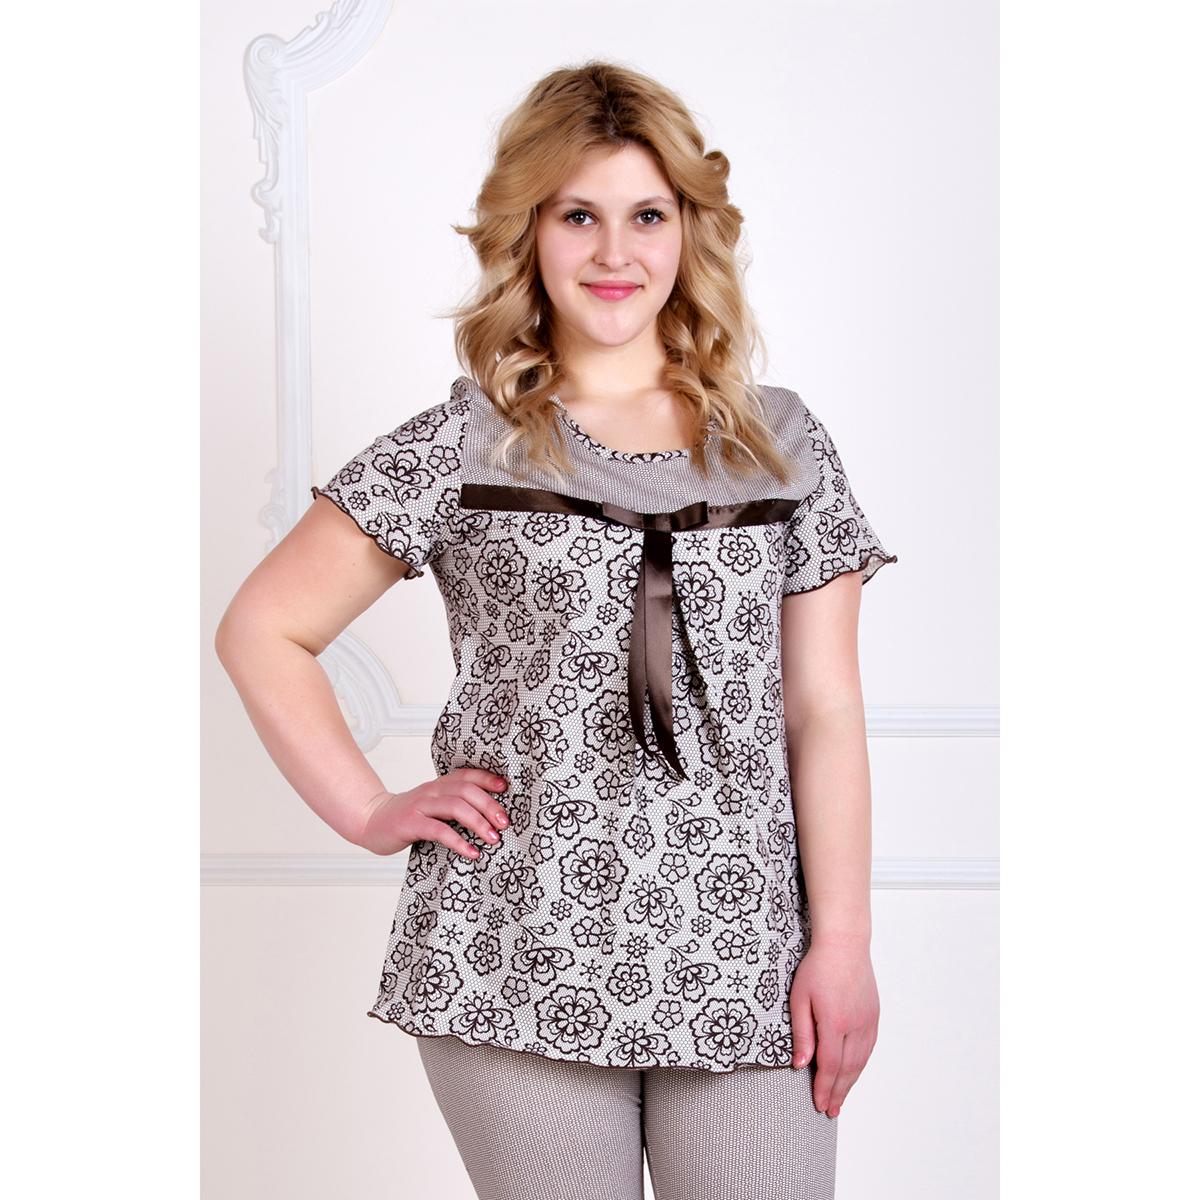 Женская пижама Лотос, размер 50Пижамы и ночные сорочки<br>Обхват груди:100 см<br>Обхват талии:82 см<br>Обхват бедер:108 см<br>Рост:167 см<br><br>Тип: Жен. костюм<br>Размер: 50<br>Материал: Кулирка